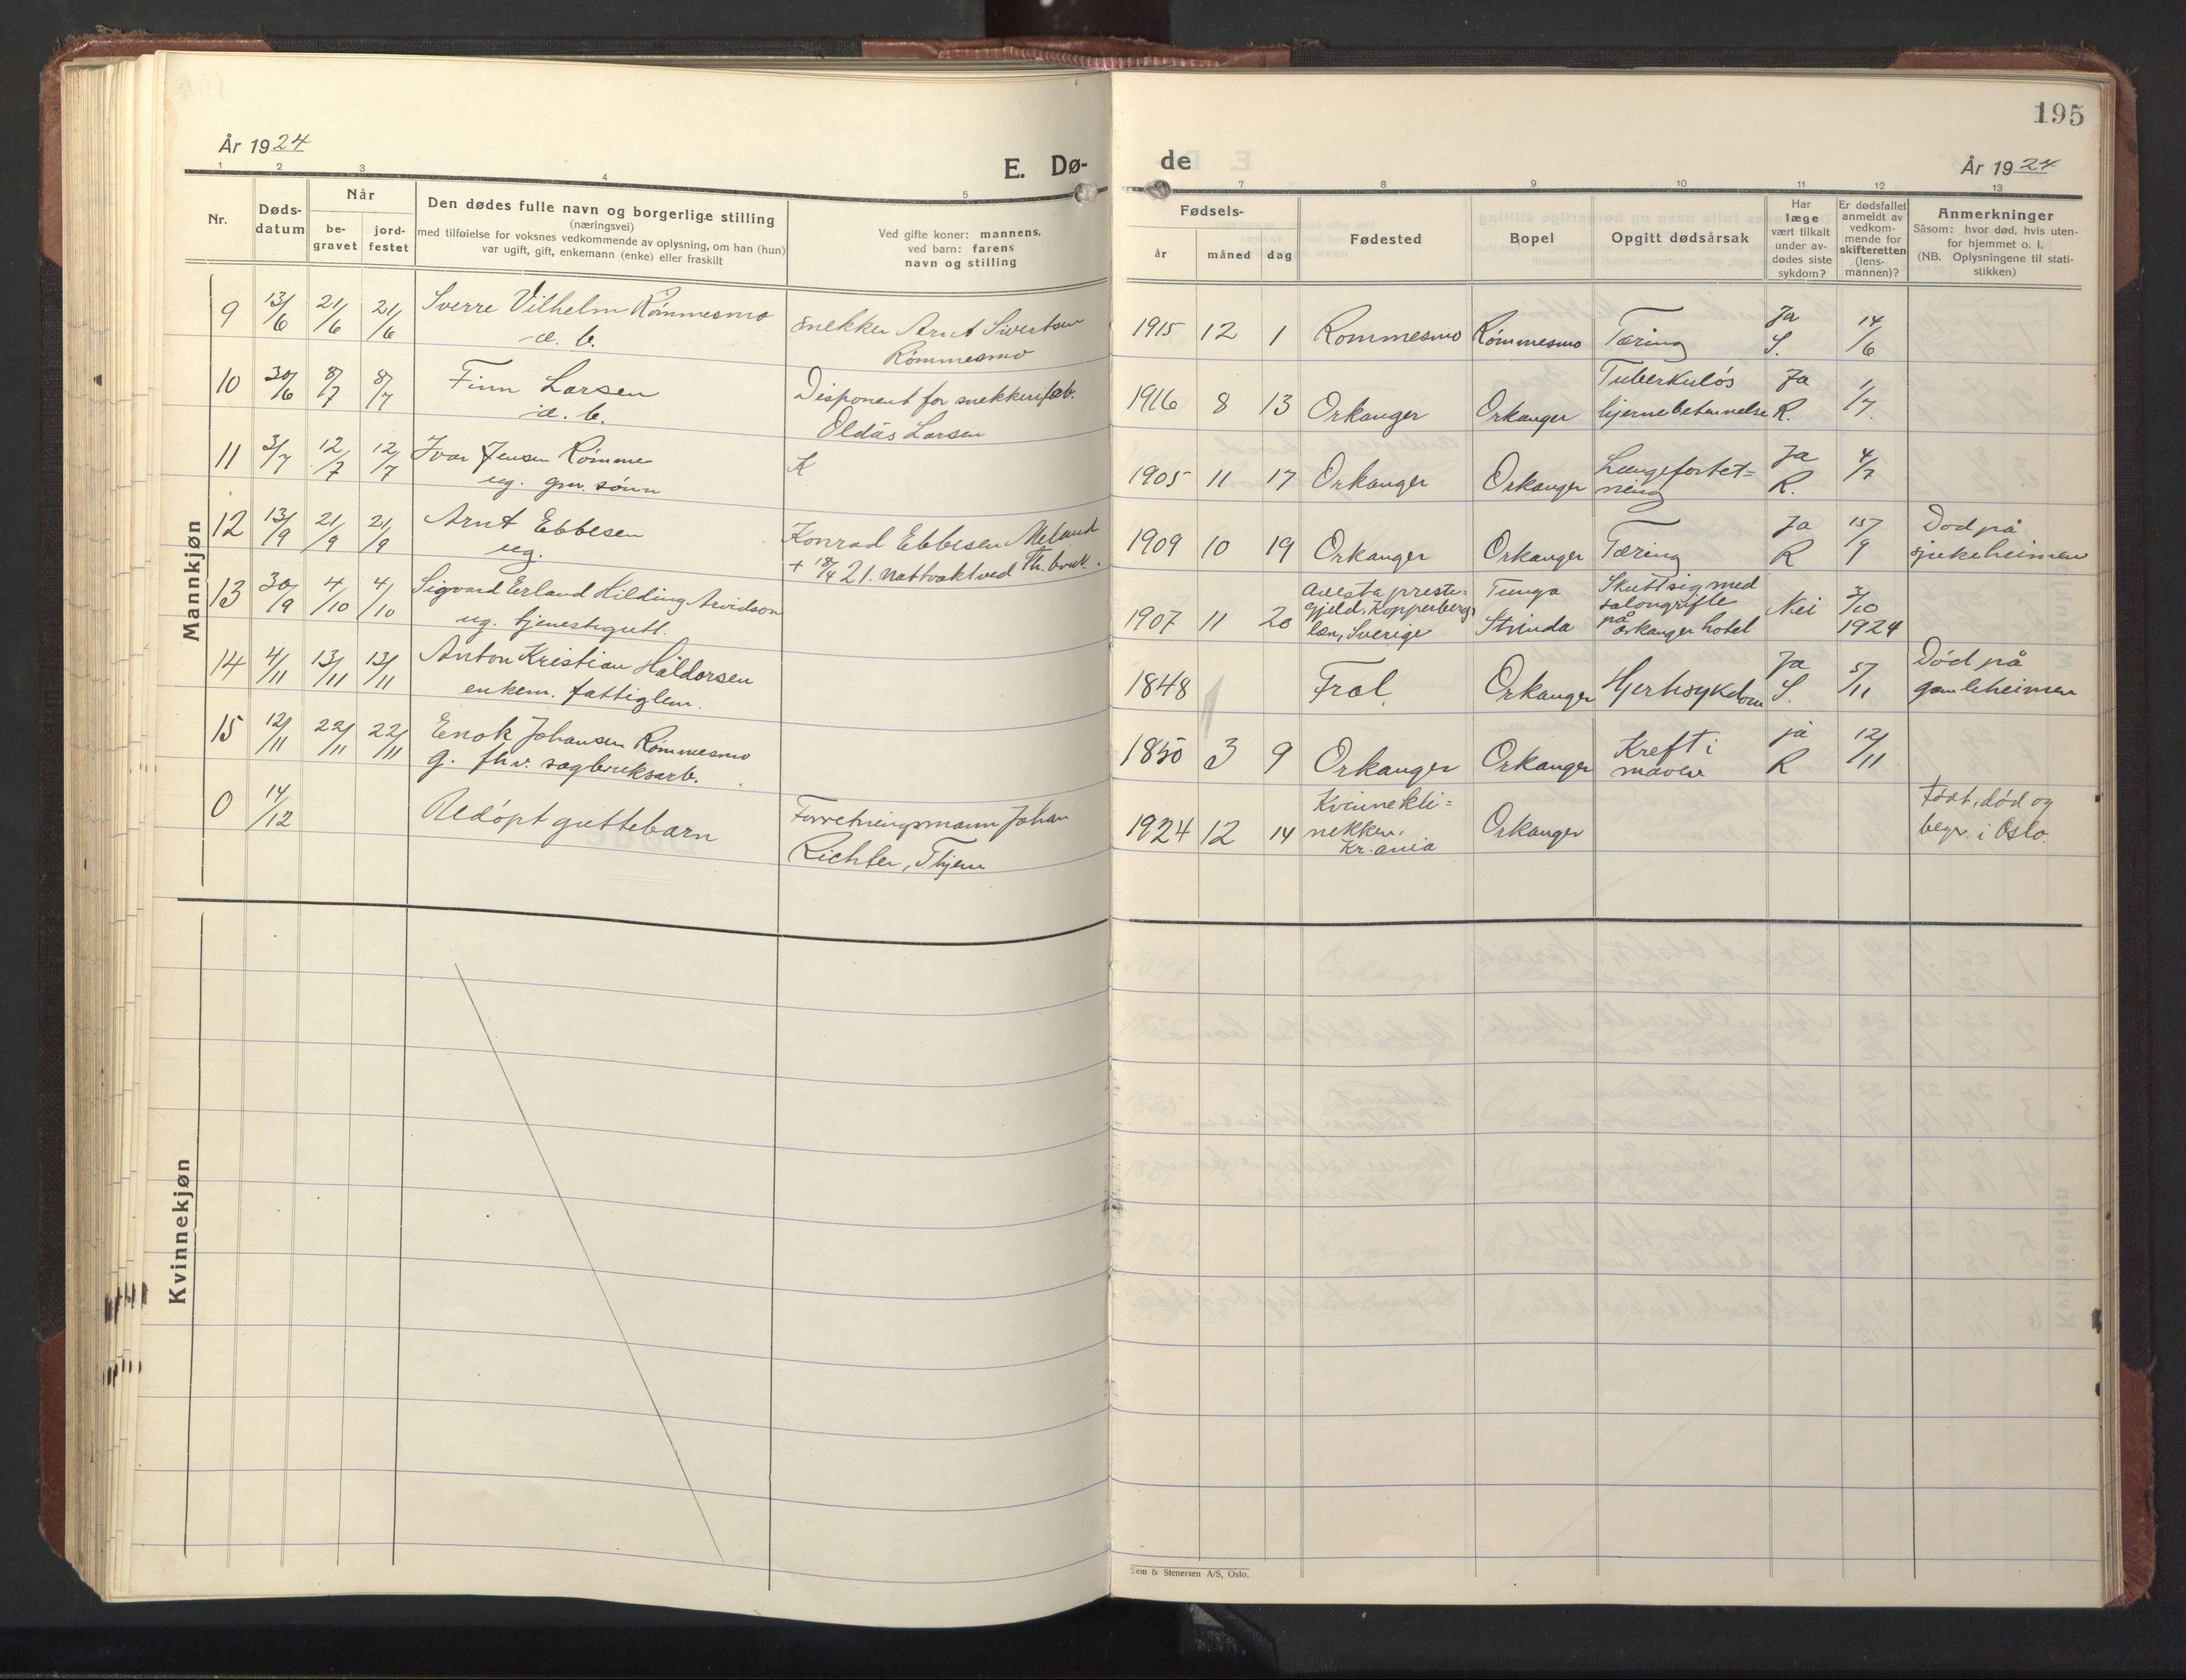 SAT, Ministerialprotokoller, klokkerbøker og fødselsregistre - Sør-Trøndelag, 669/L0832: Klokkerbok nr. 669C02, 1925-1953, s. 195